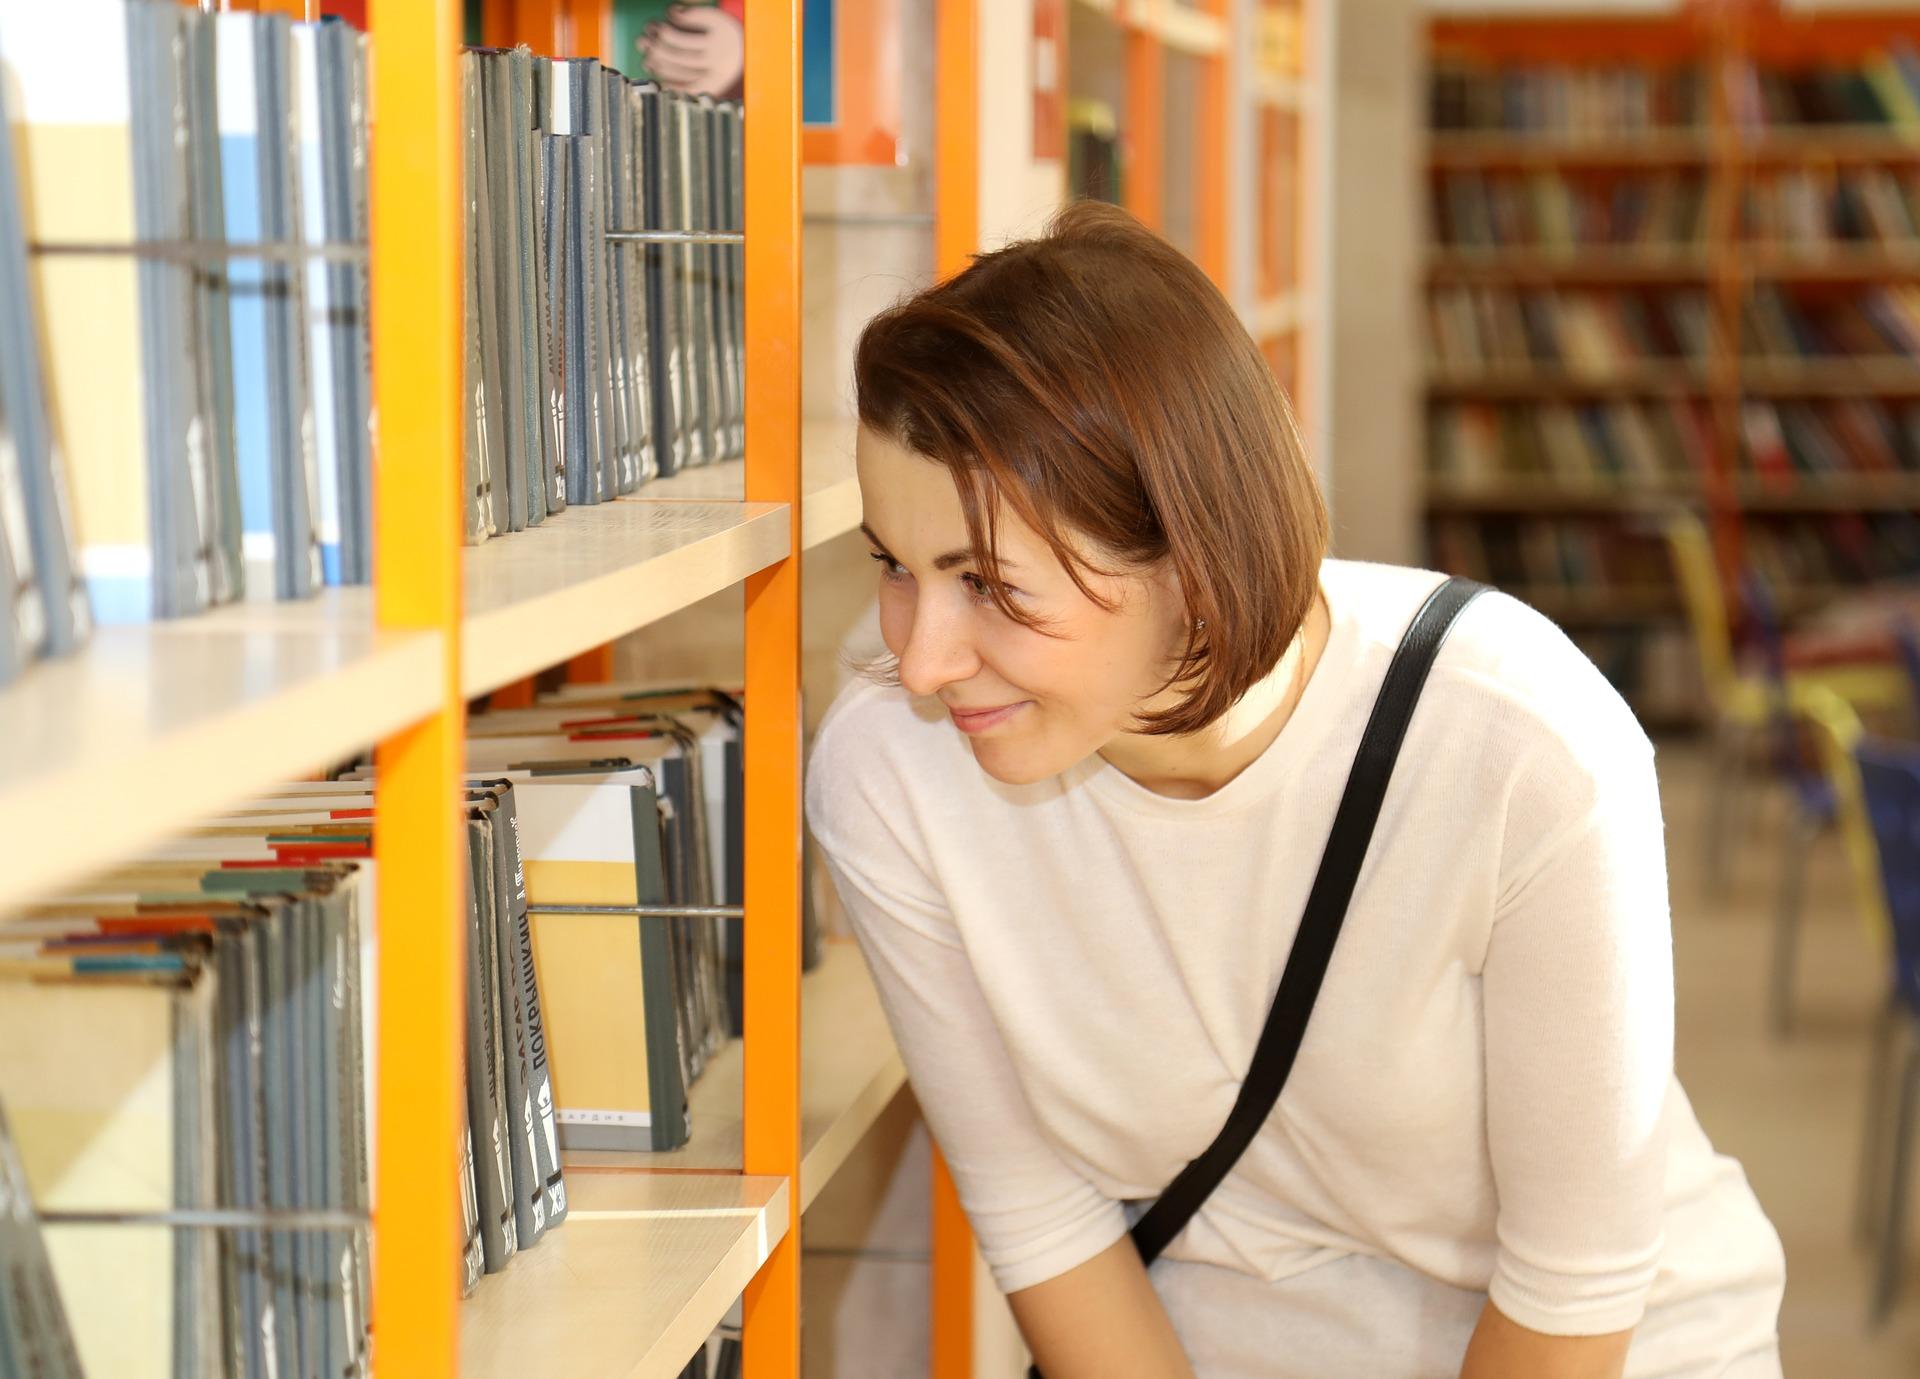 Списанные библиотечные книги бесплатно раздадут всем желающим